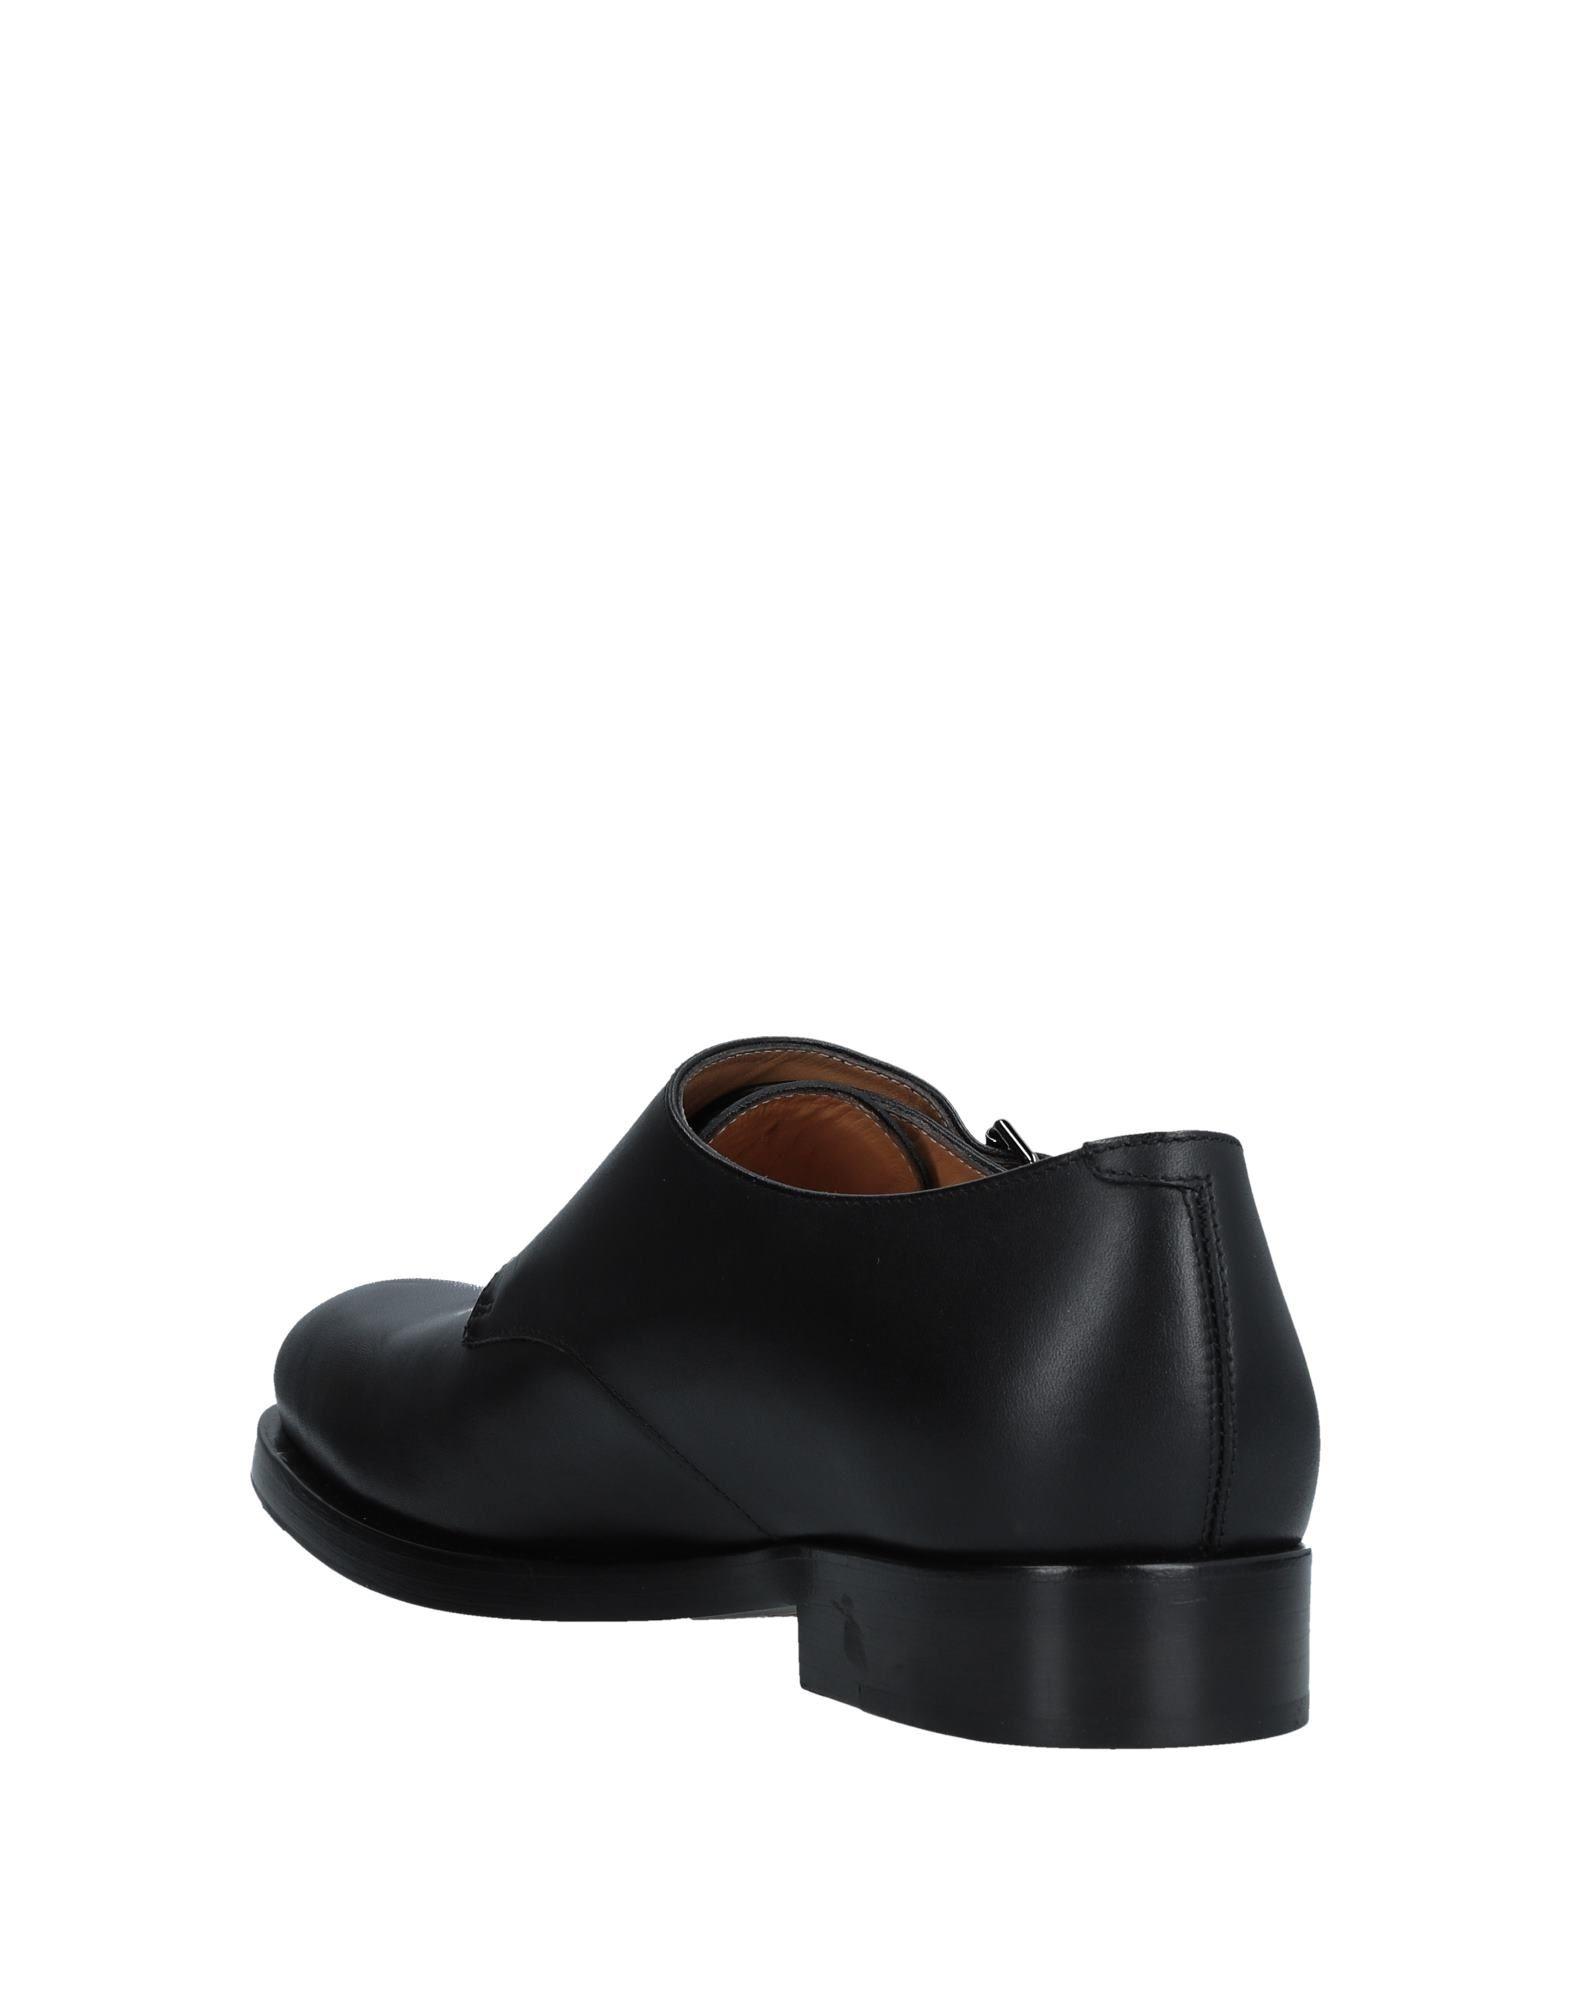 Valentino Garavani Mokassins Herren beliebte  11543843PU Gute Qualität beliebte Herren Schuhe ba3249